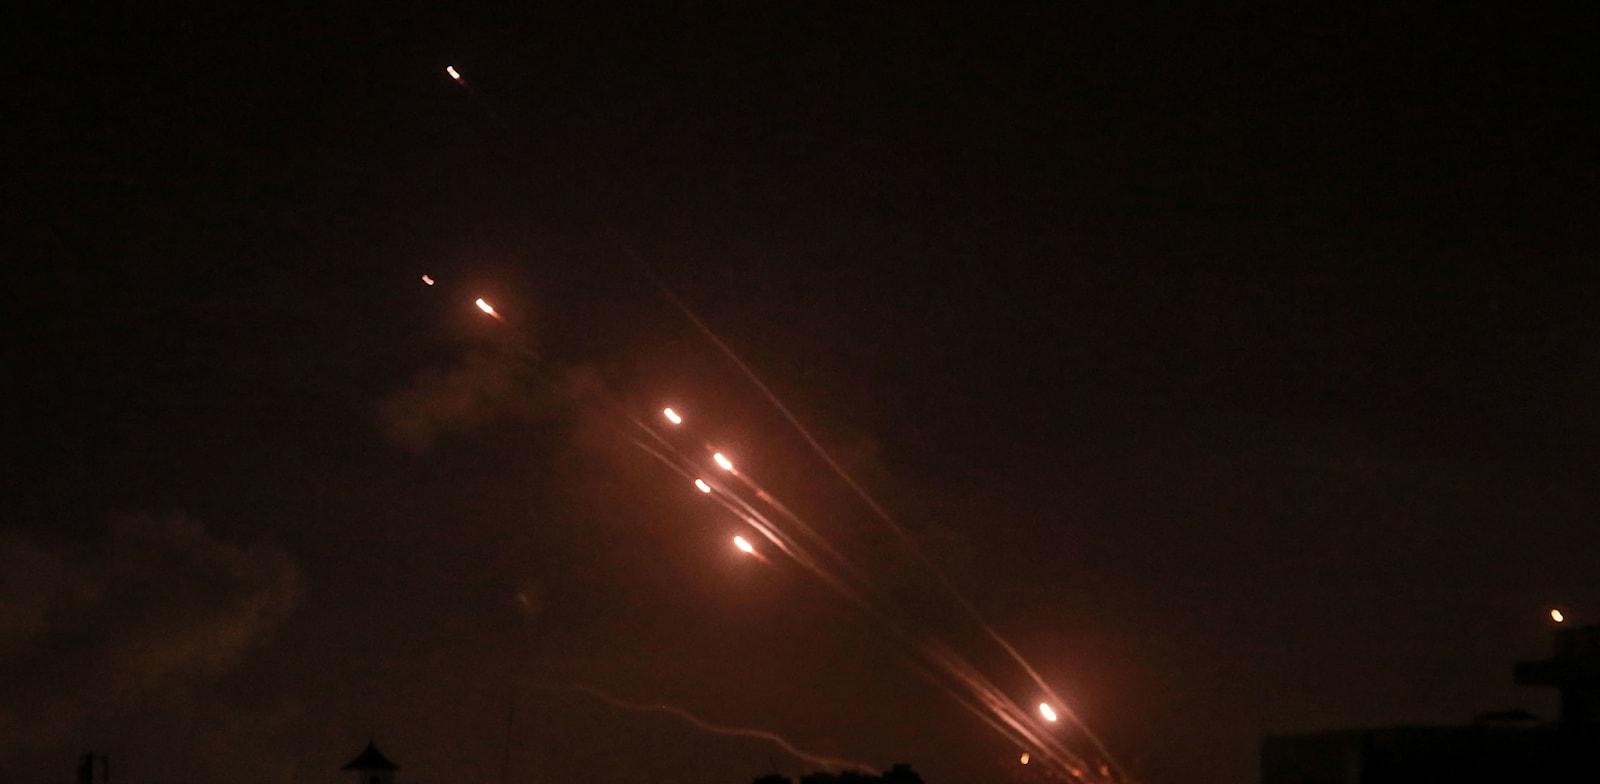 רקטות נורות מעזה לישראל / צילום: Reuters, Mohammed Talatene/dpa